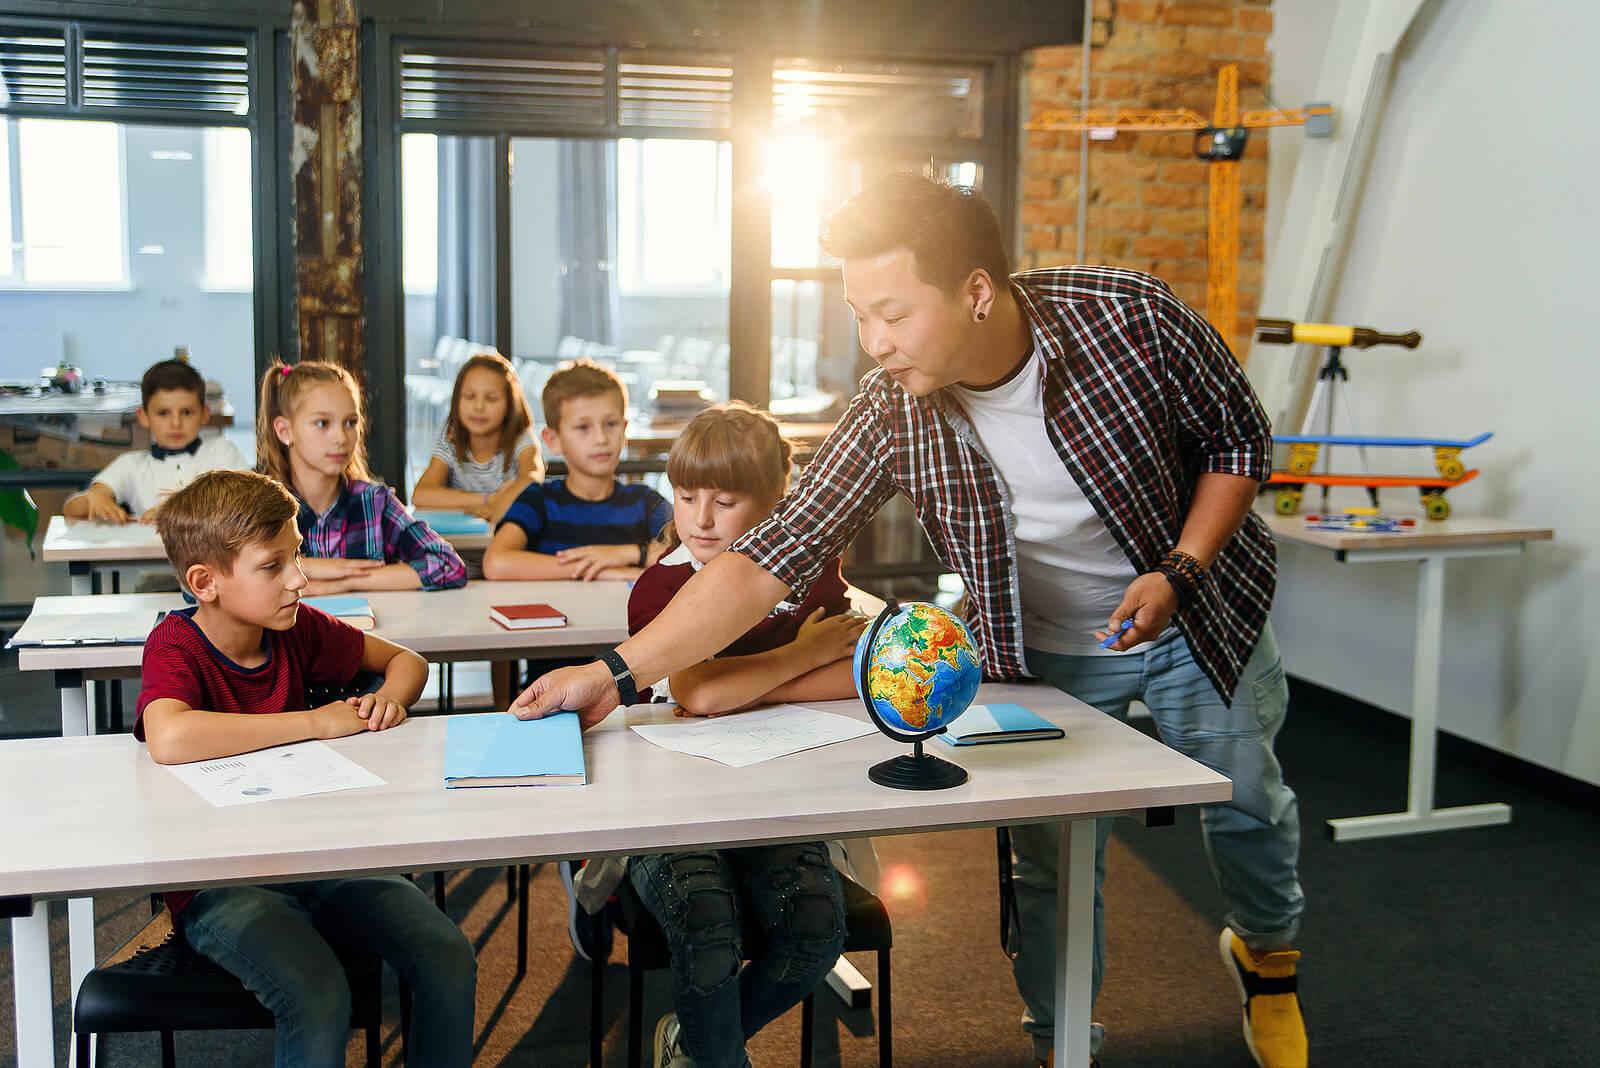 La importancia de las relaciones positivas de los niños con sus maestros